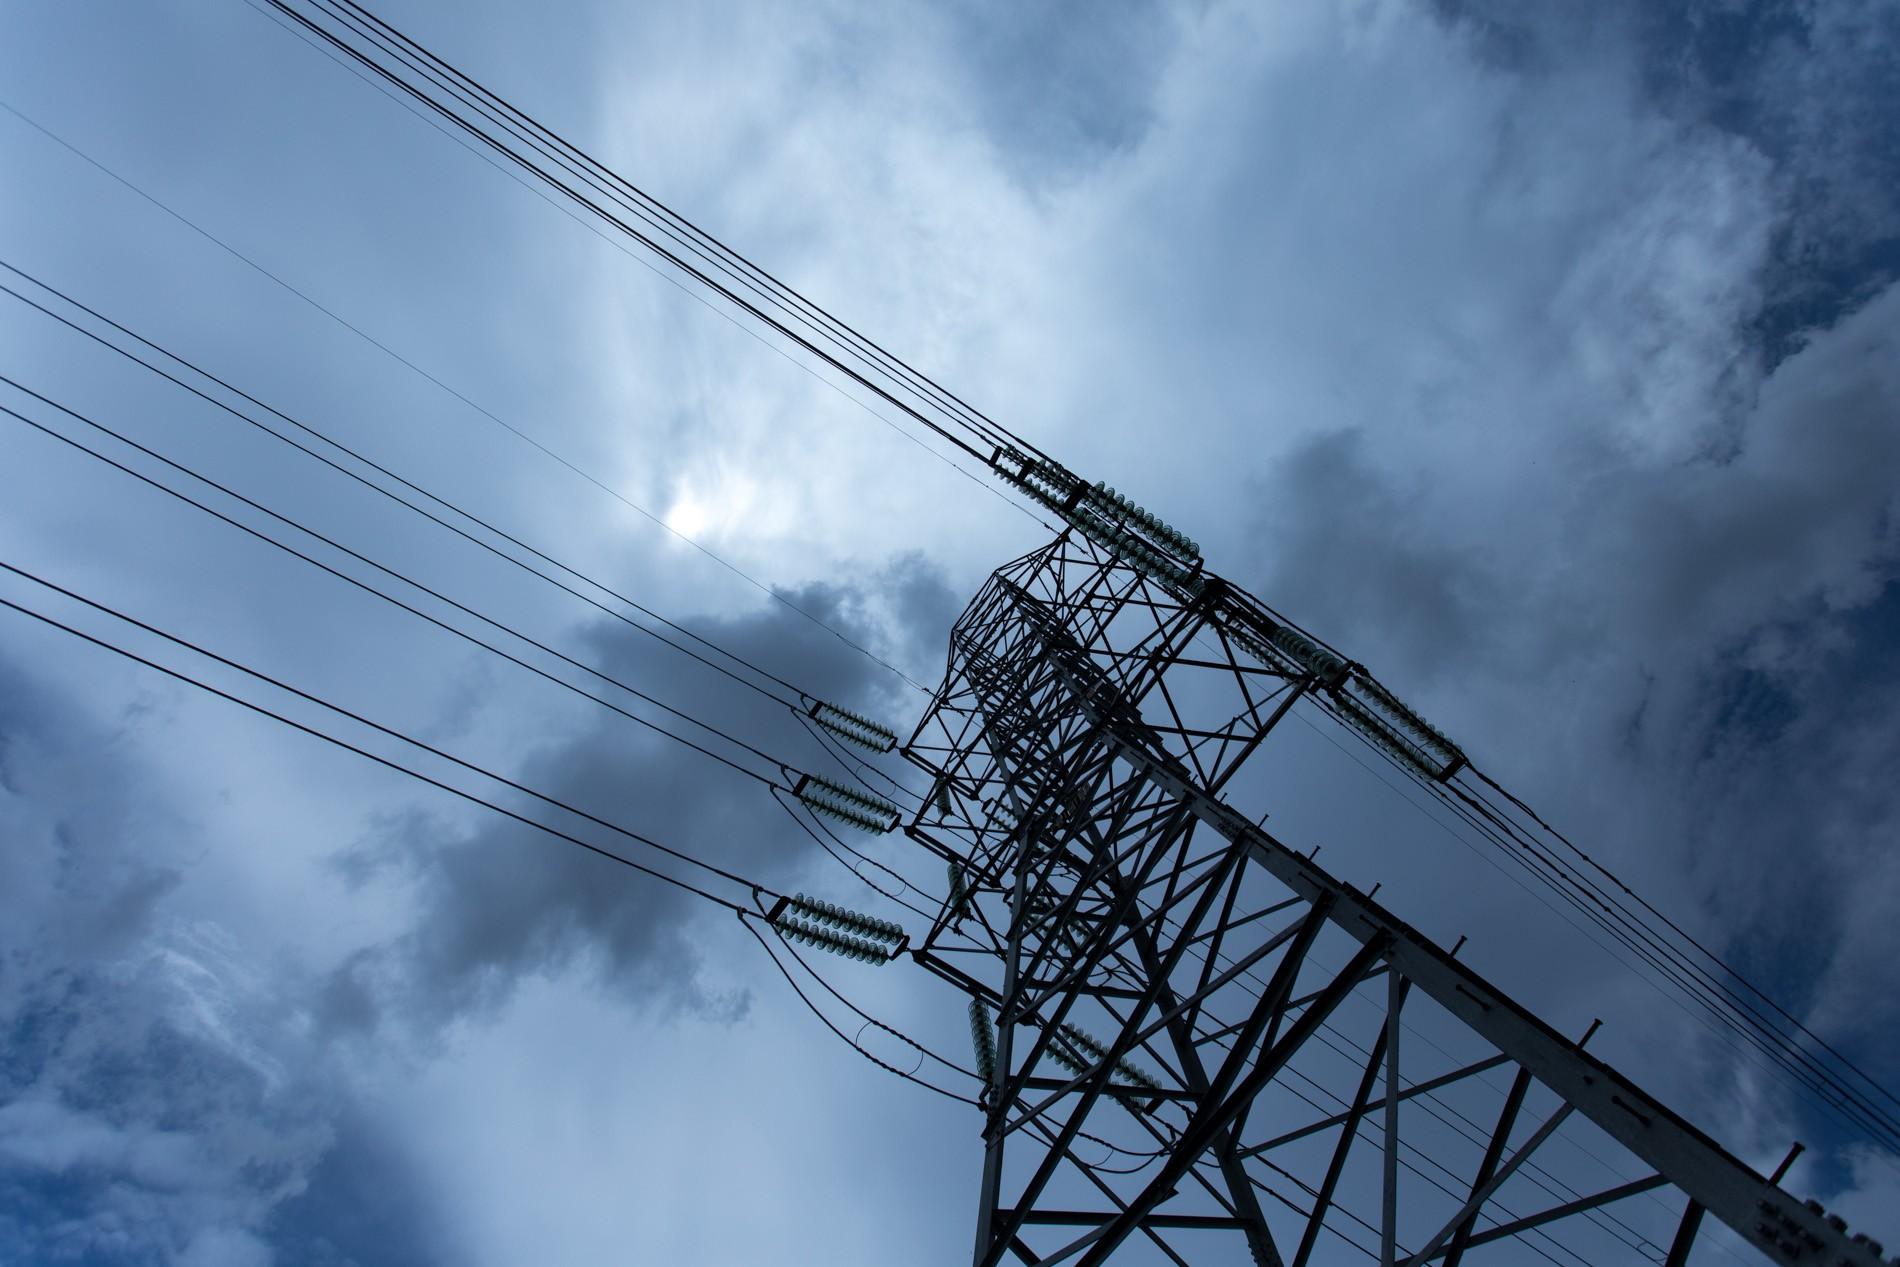 Reajuste da tarifa de energia elétrica do Amapá deverá ser adiado em 60 dias